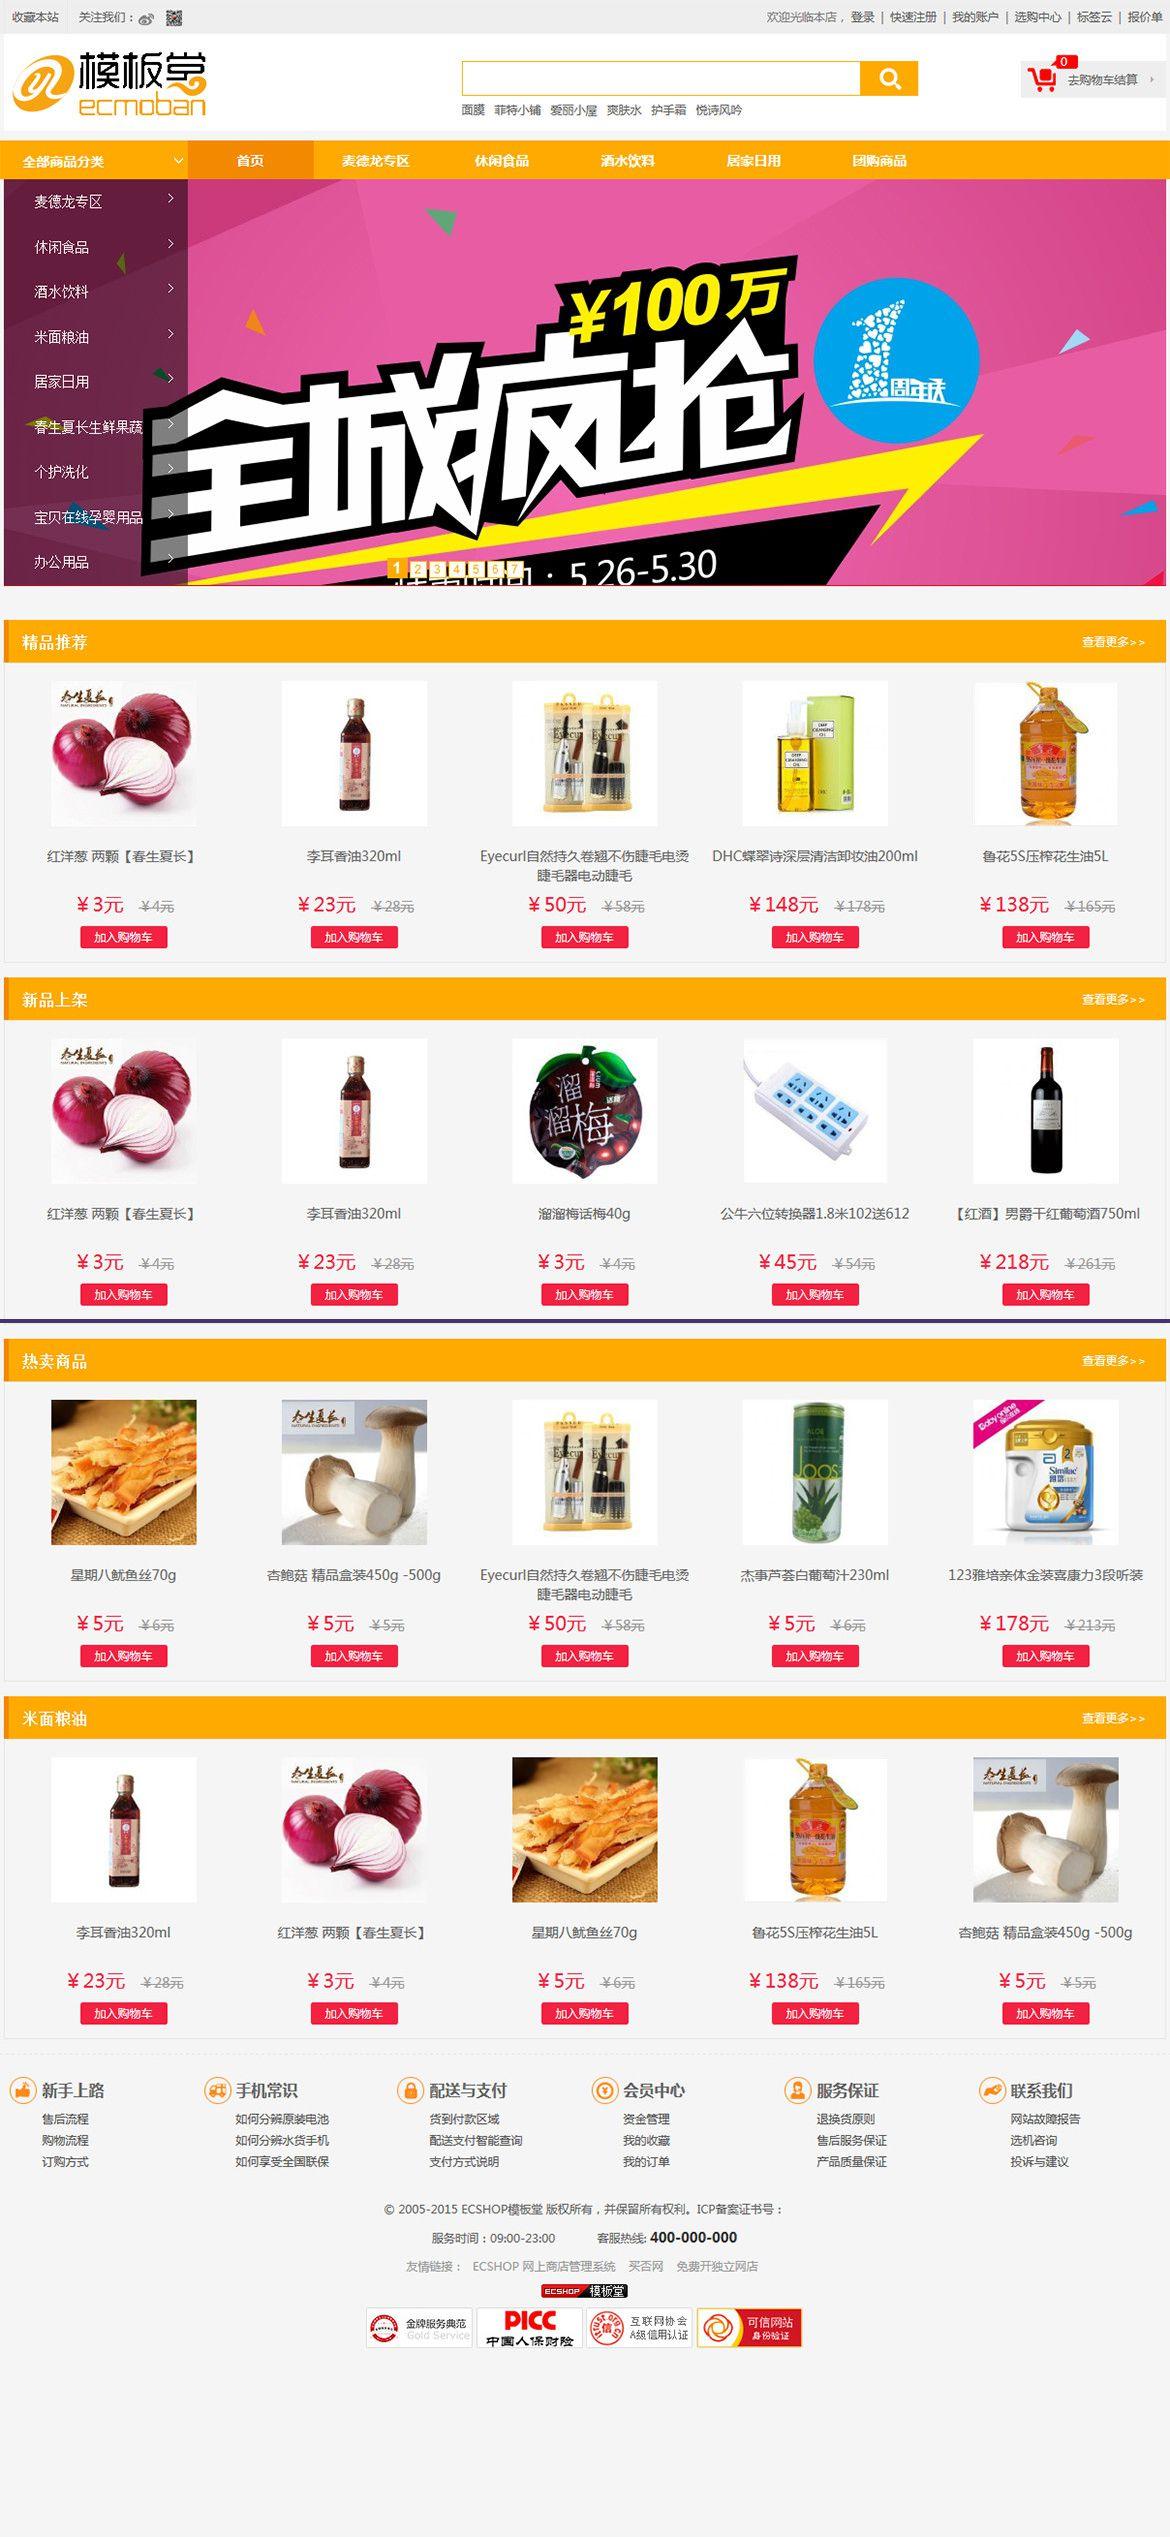 ECSHOP云超市商城模板2015简洁版